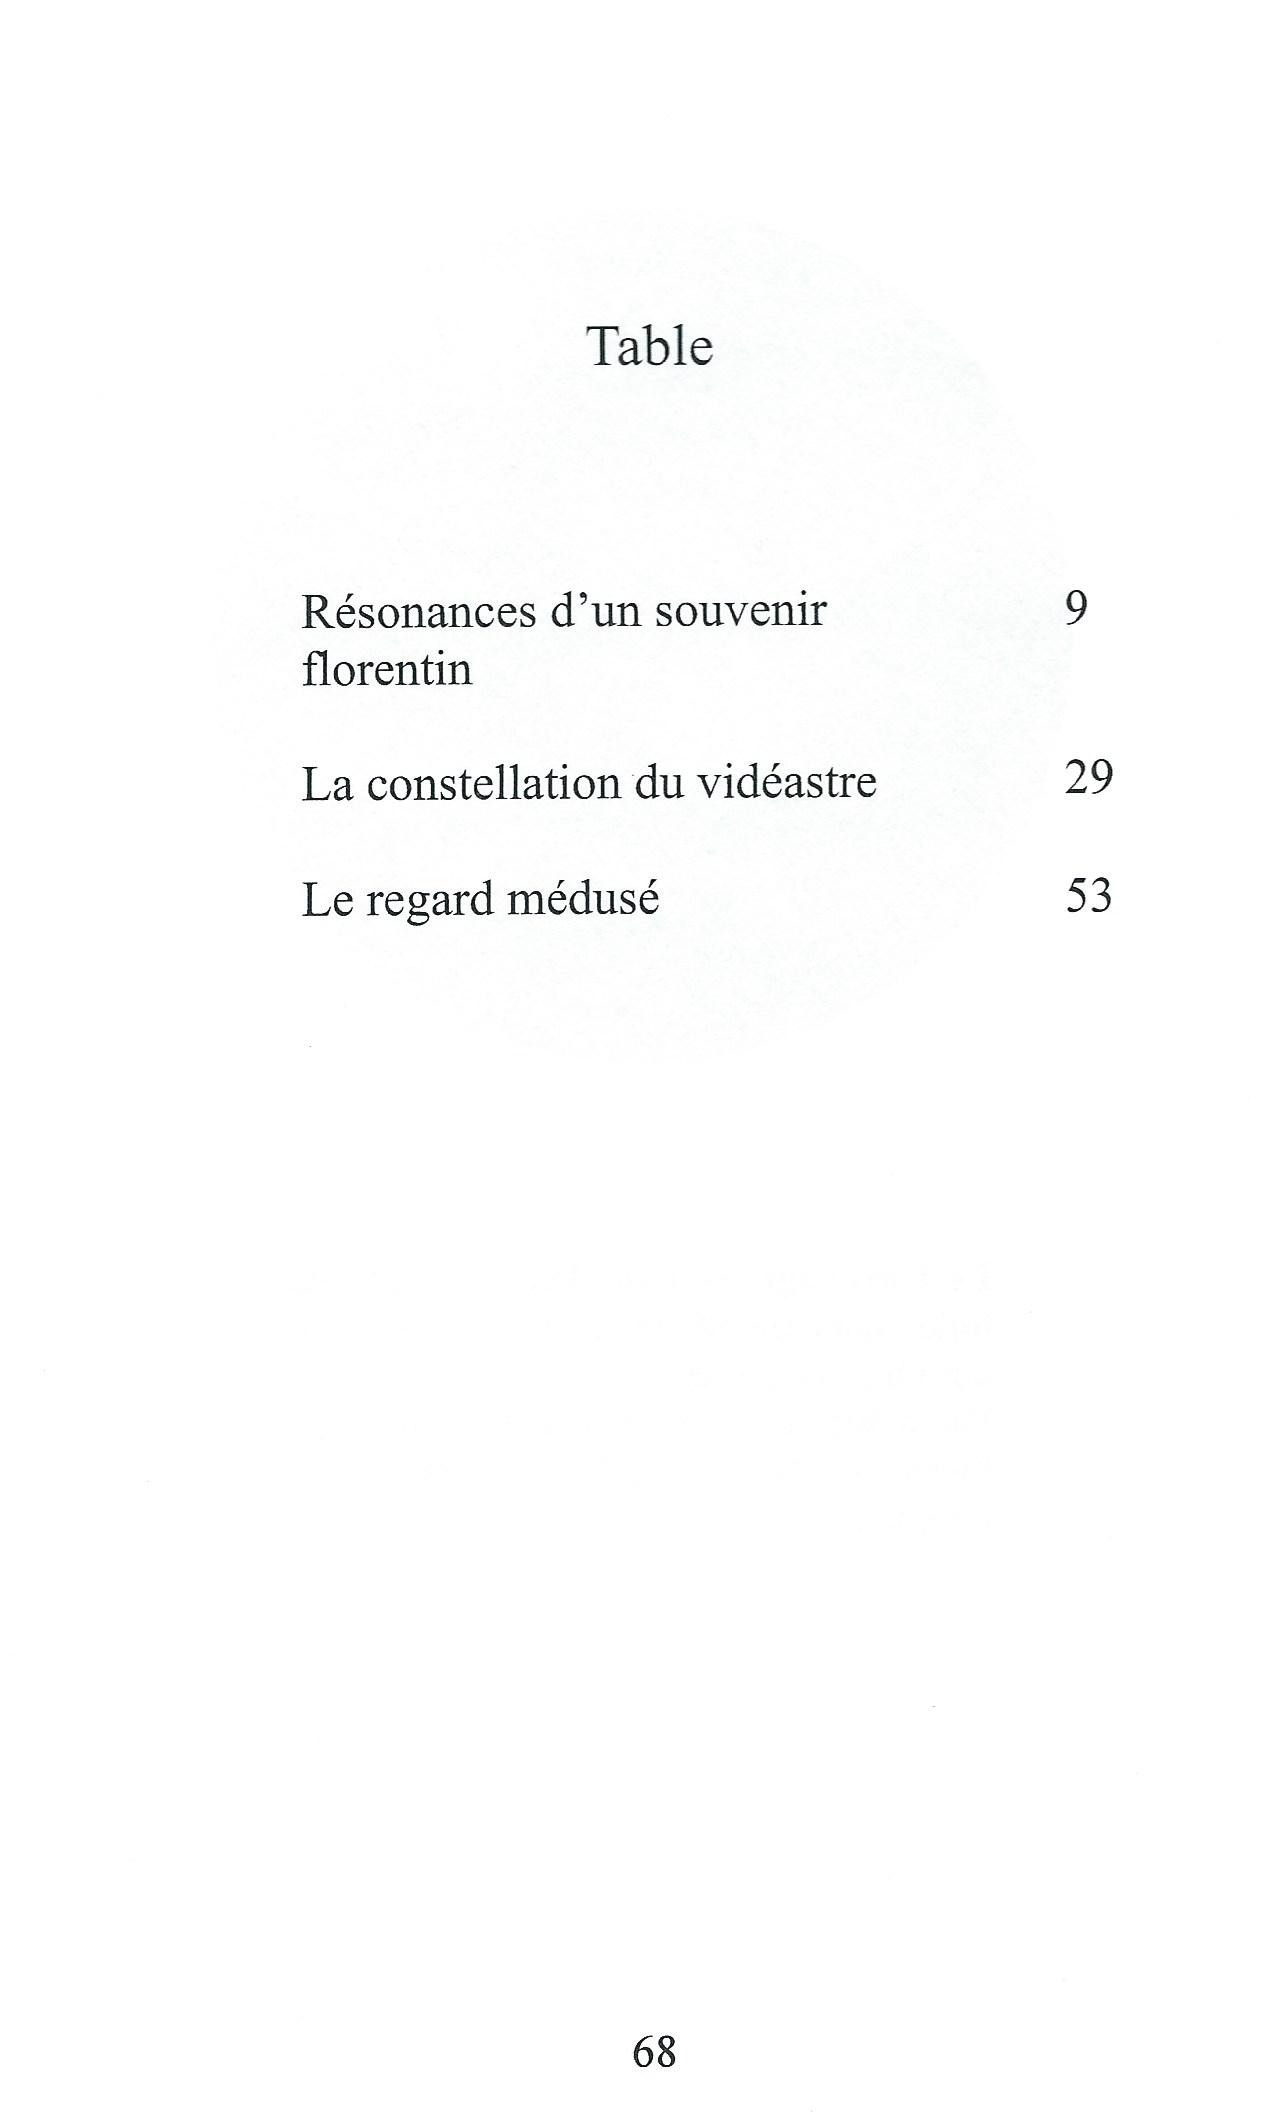 resonances-12